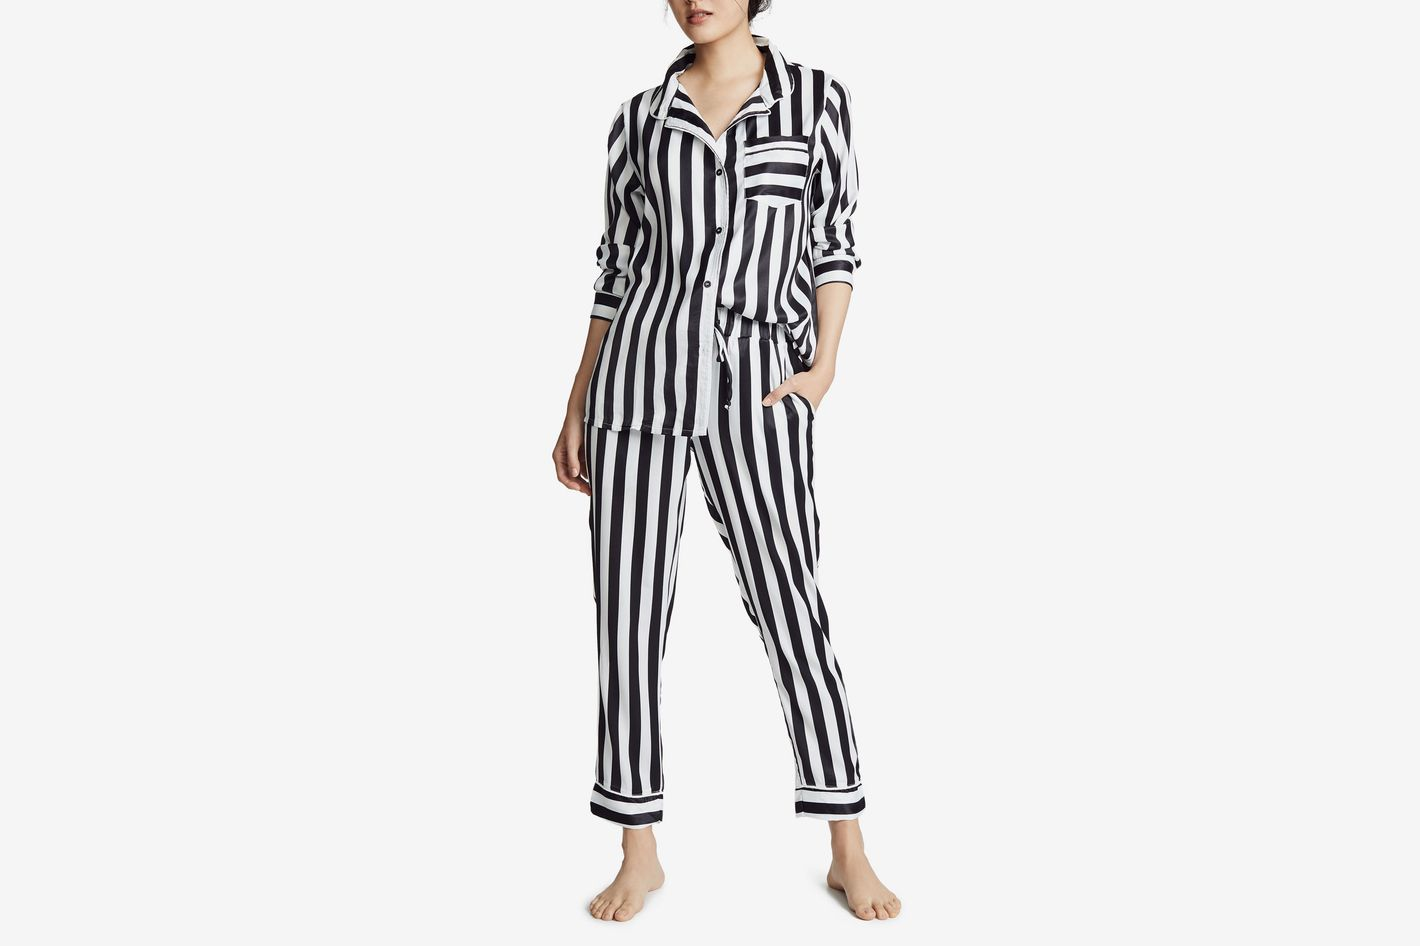 Plush Silky Striped Pajama Set